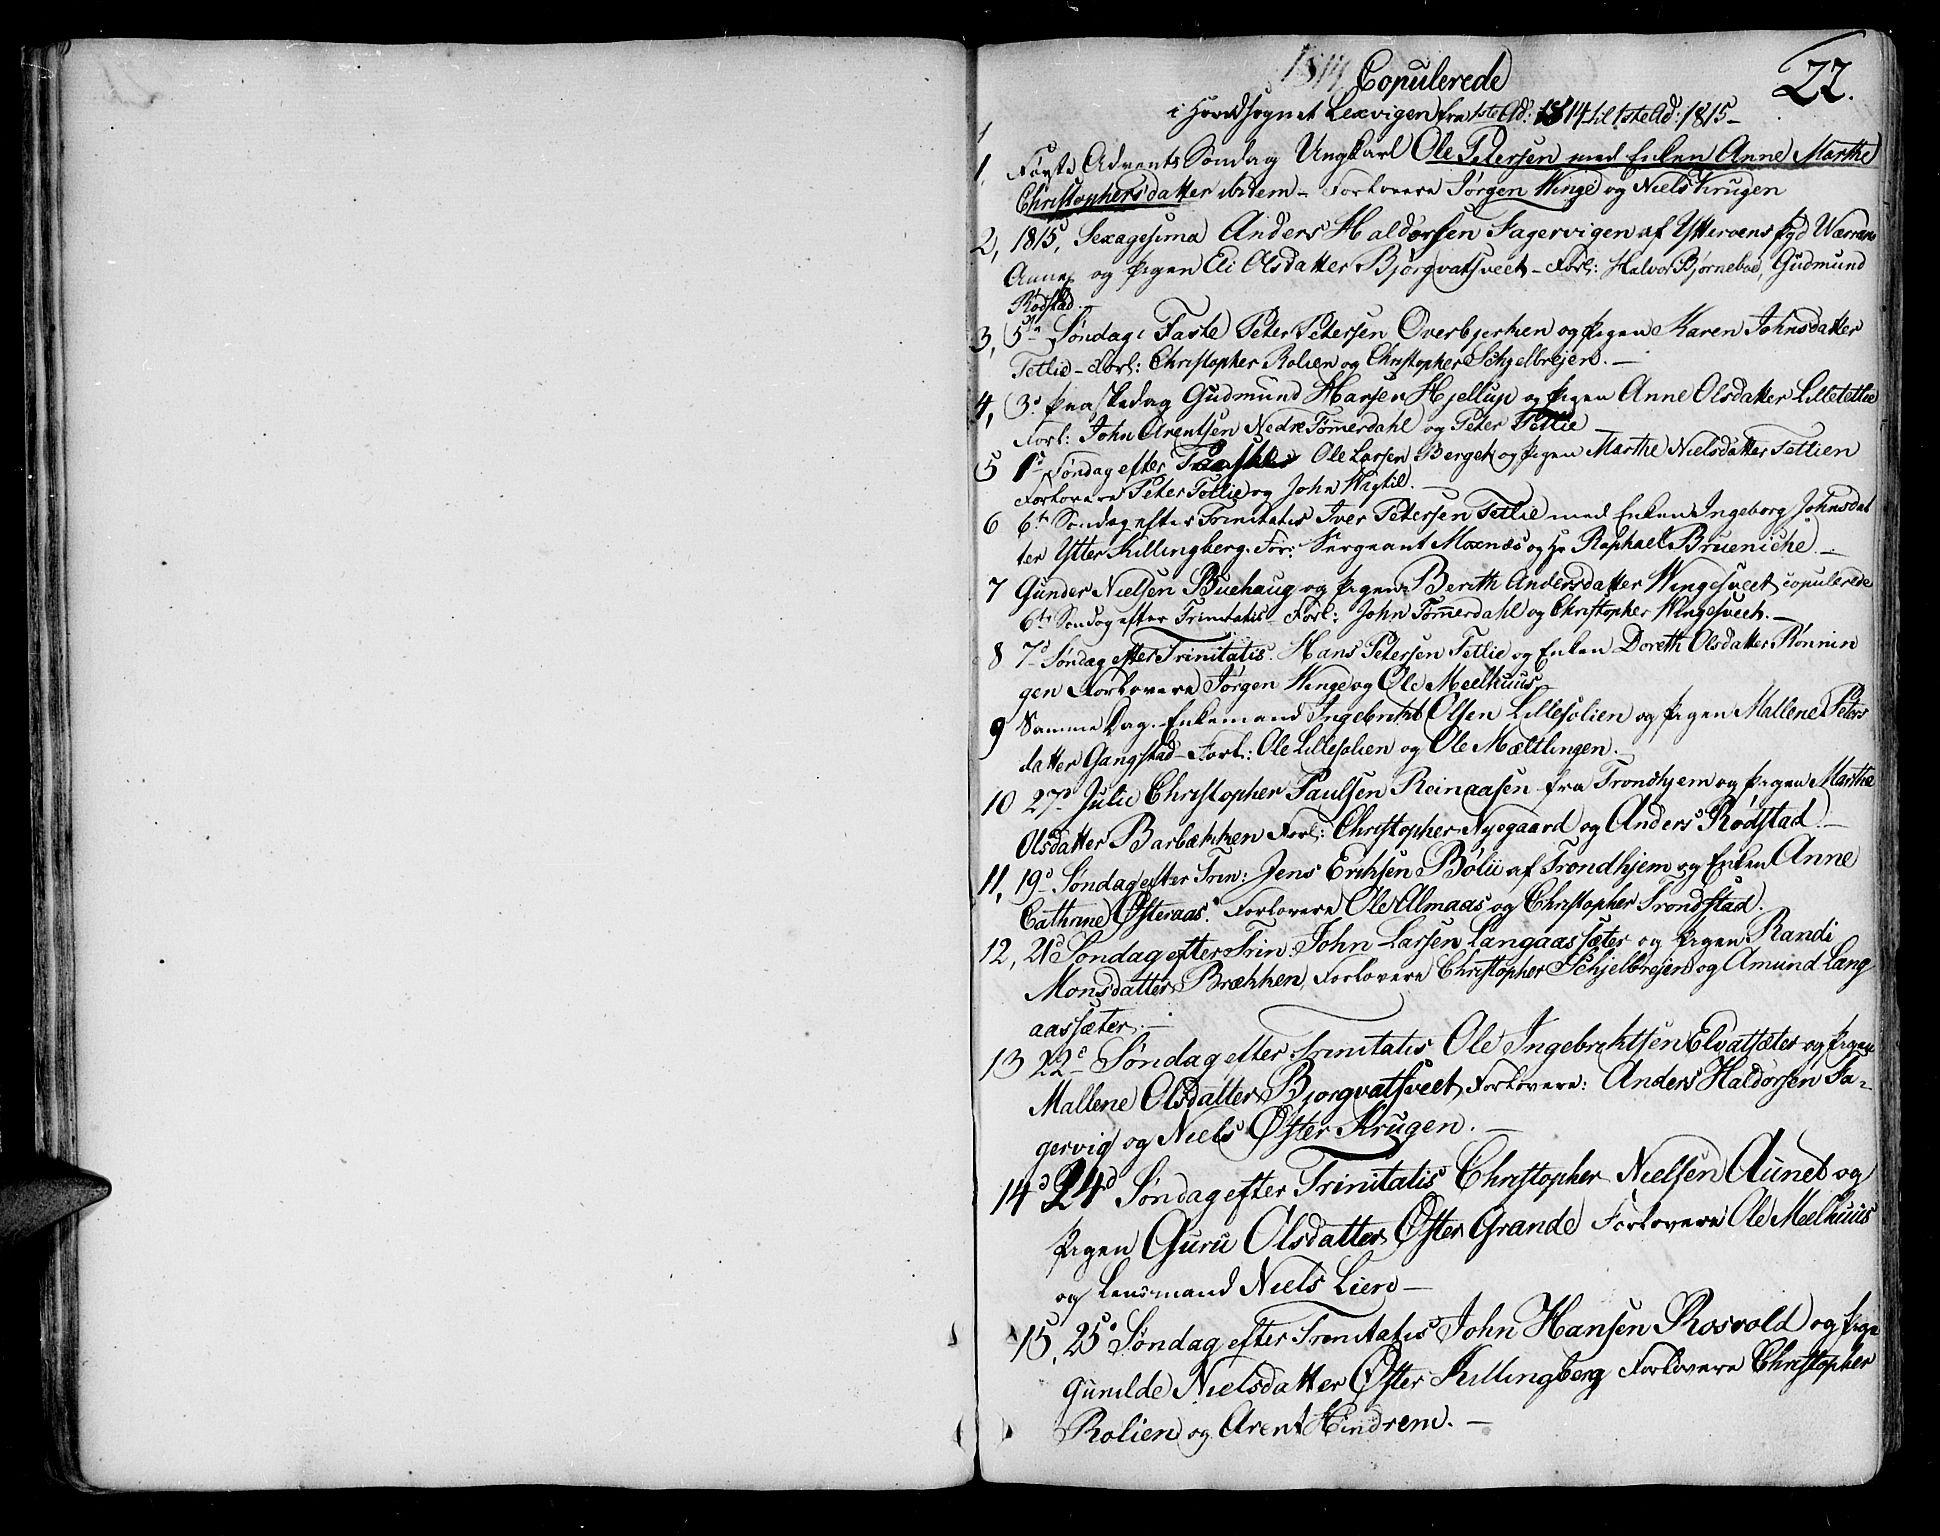 SAT, Ministerialprotokoller, klokkerbøker og fødselsregistre - Nord-Trøndelag, 701/L0004: Ministerialbok nr. 701A04, 1783-1816, s. 22